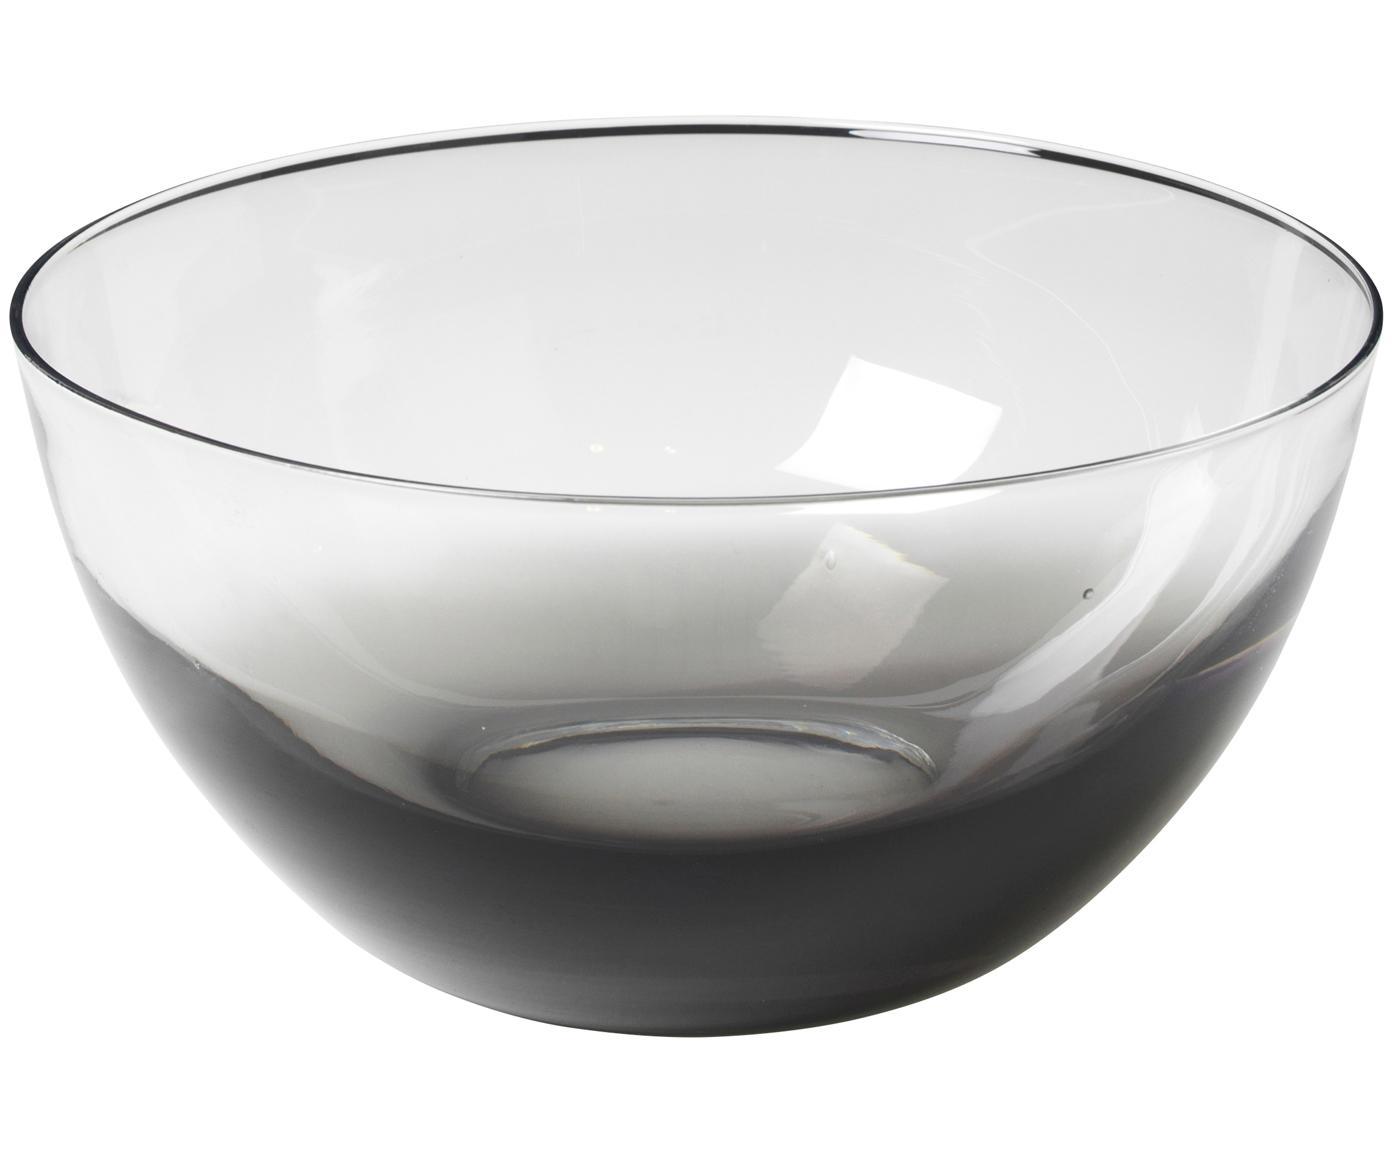 Mundgeblasene Servierschale Smoke, Glas, Rauchgrau, transparent, Ø 25 x H 12 cm